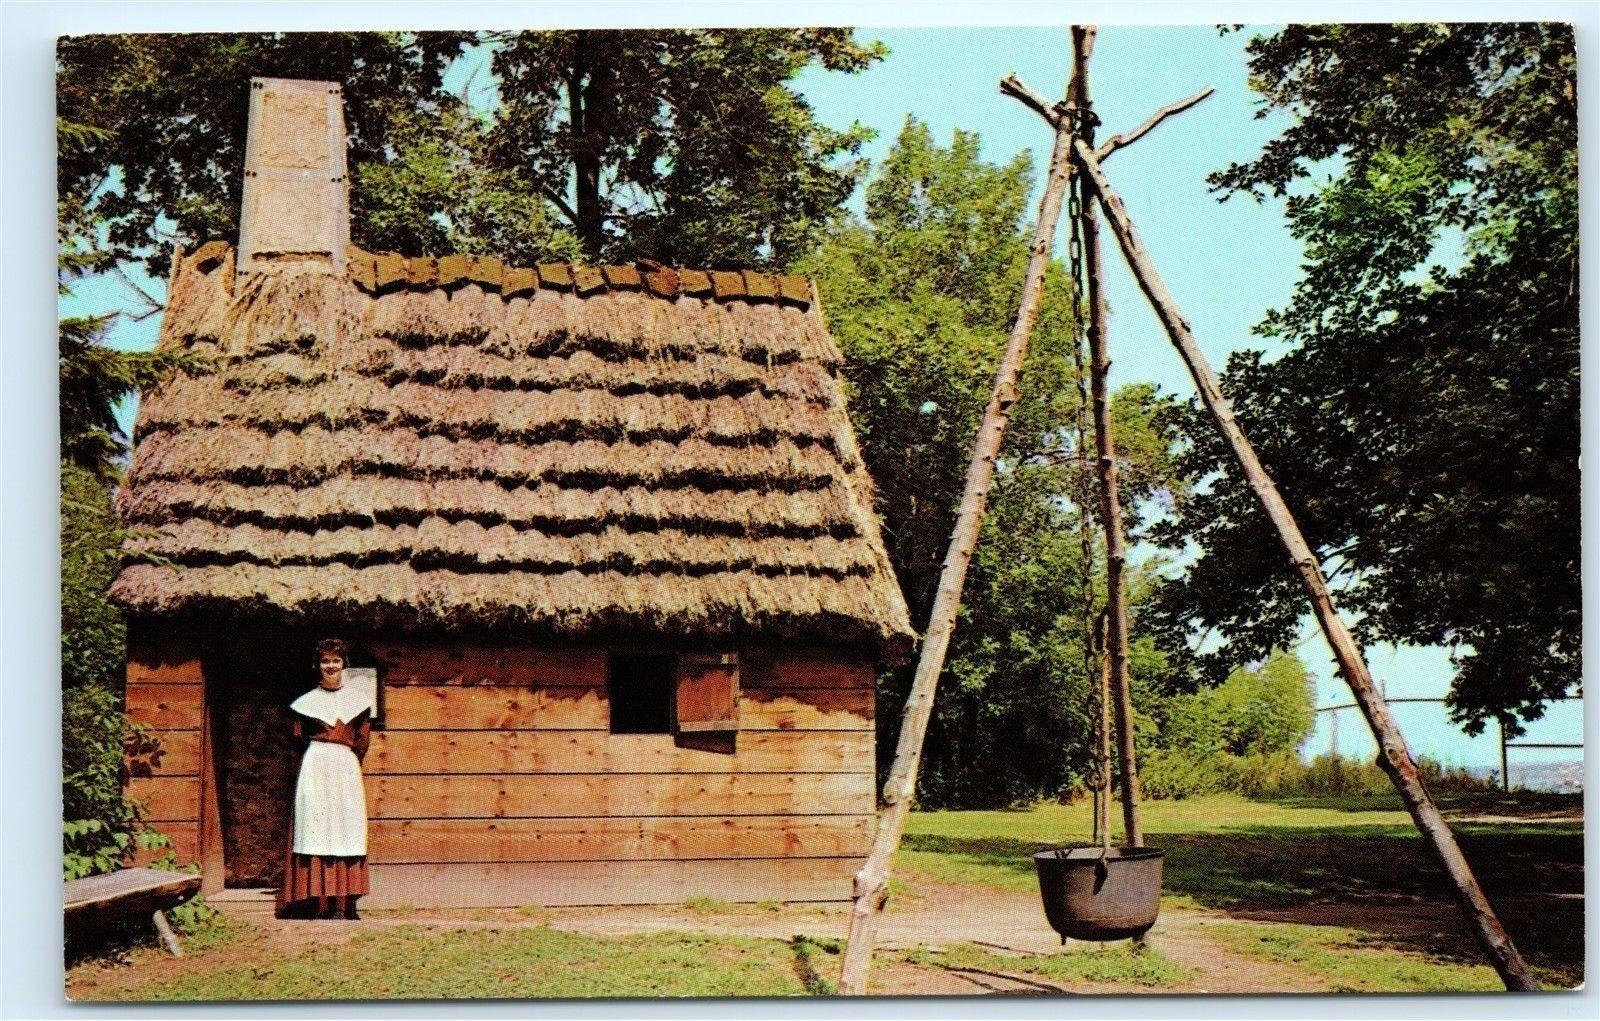 Lady Arbella House Pioneer Village Salem Massachusetts Postcard B41 Hippostcard